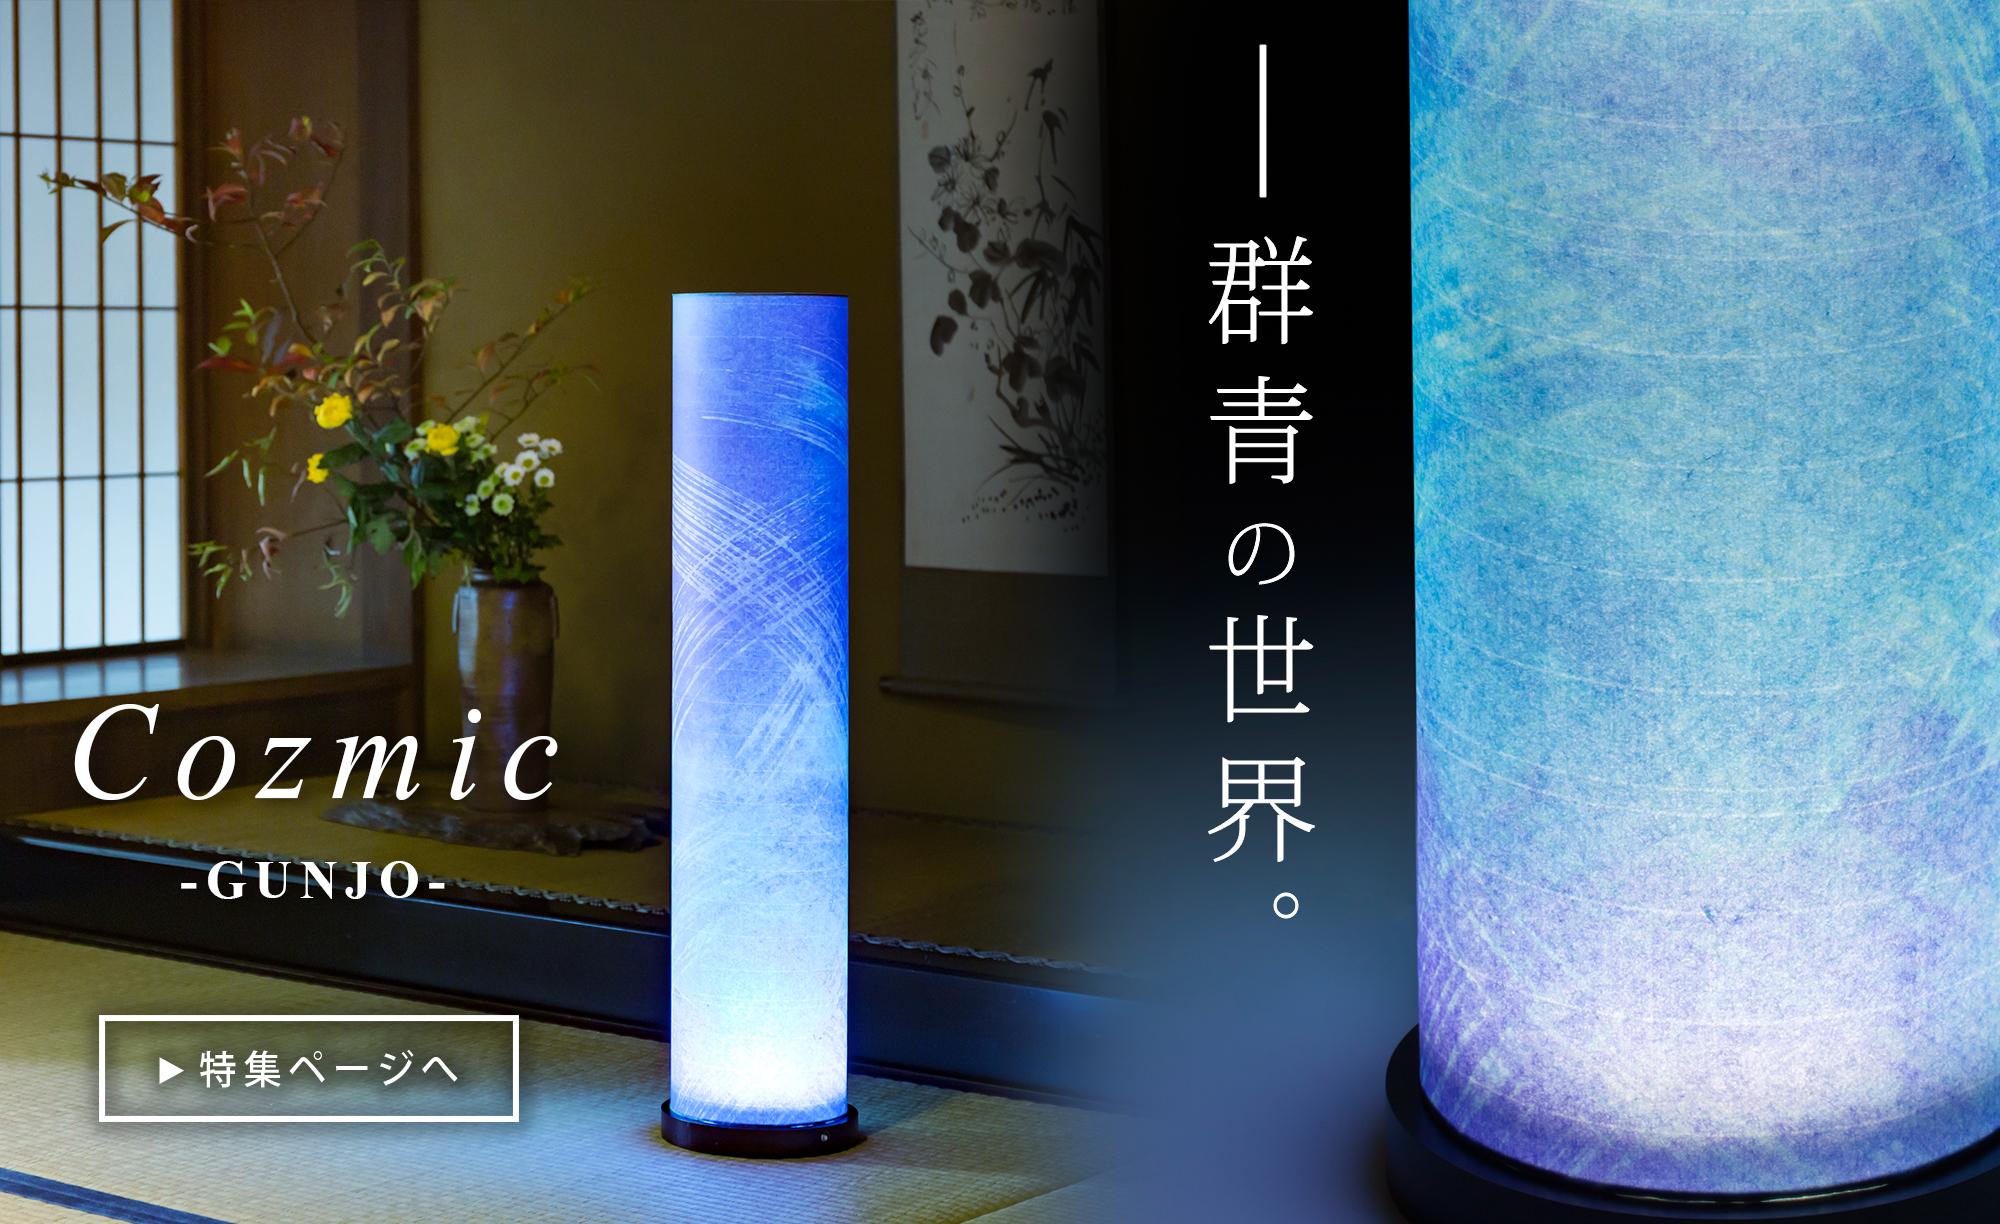 Cozmic -gunjo- 群青の世界へ